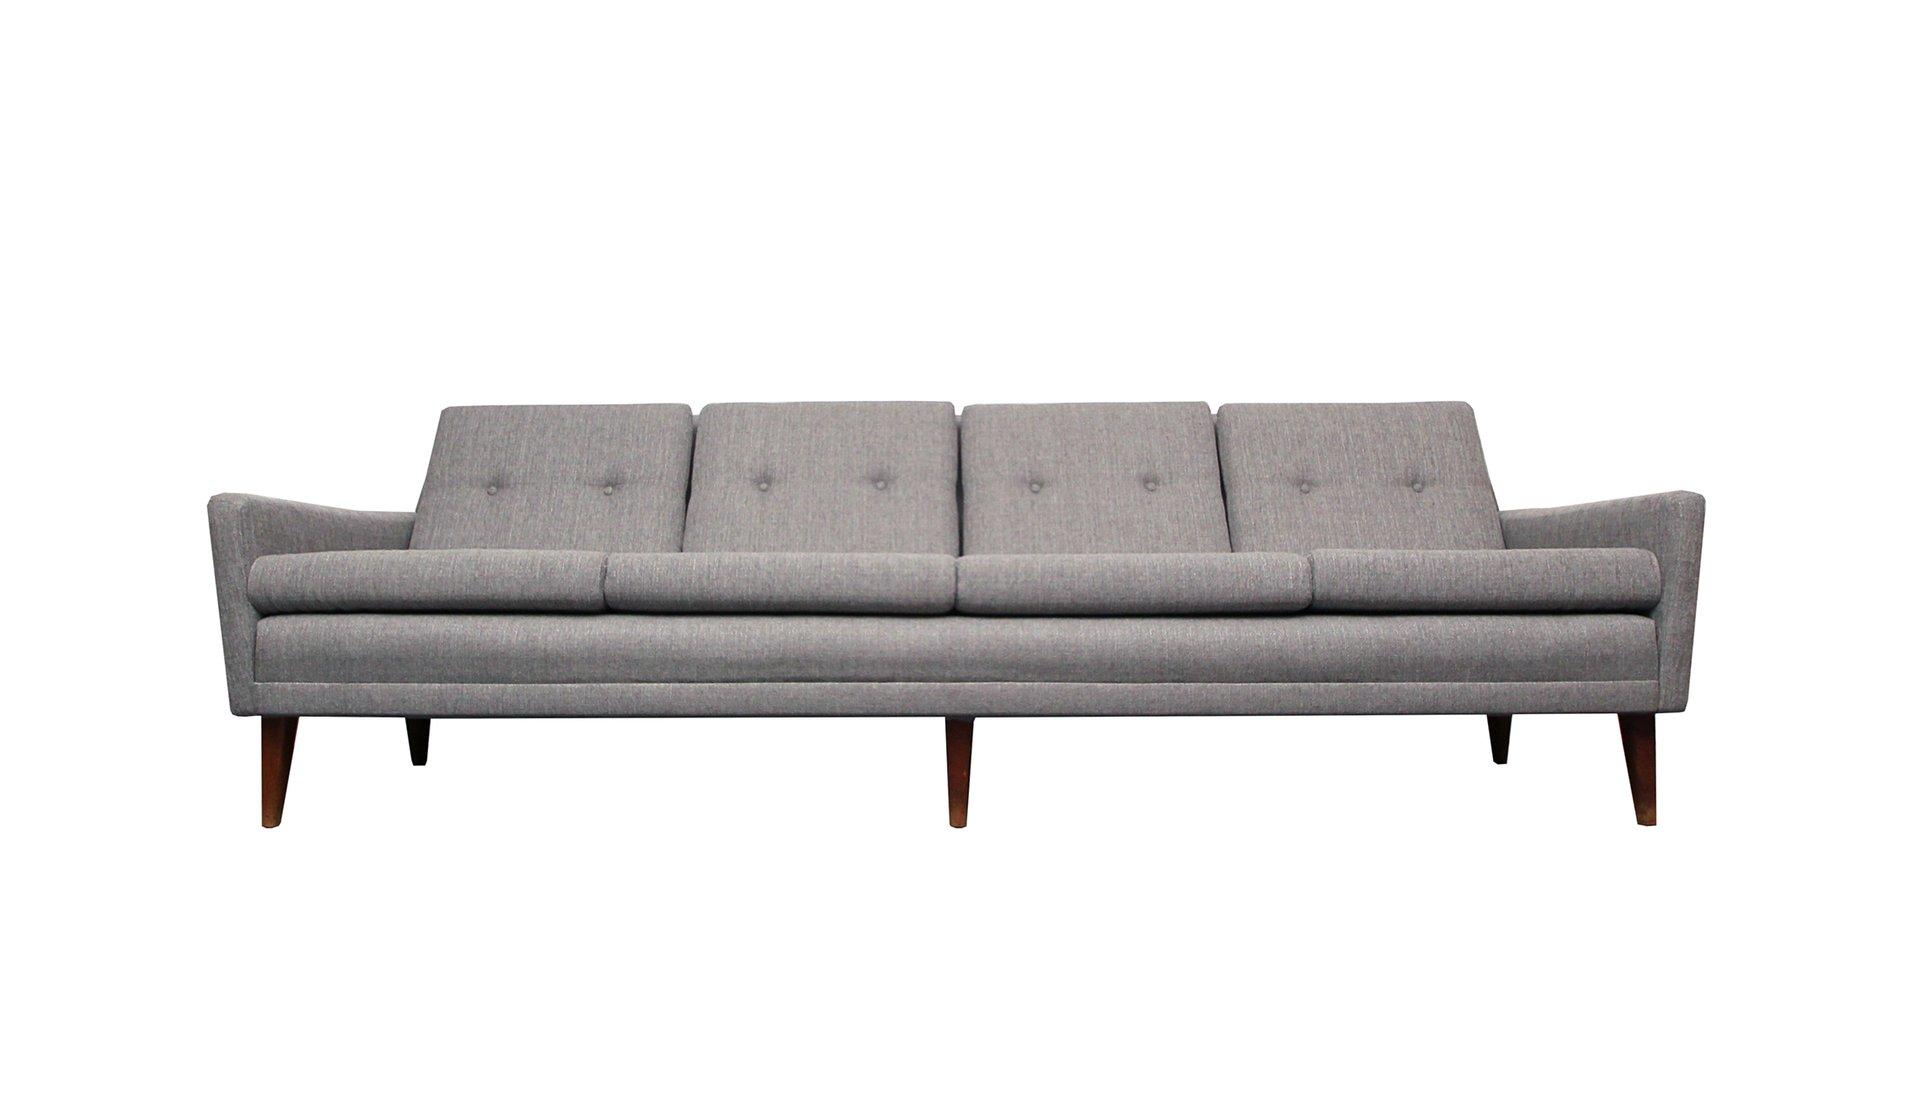 Light Grey Danish Sofa, 1950s